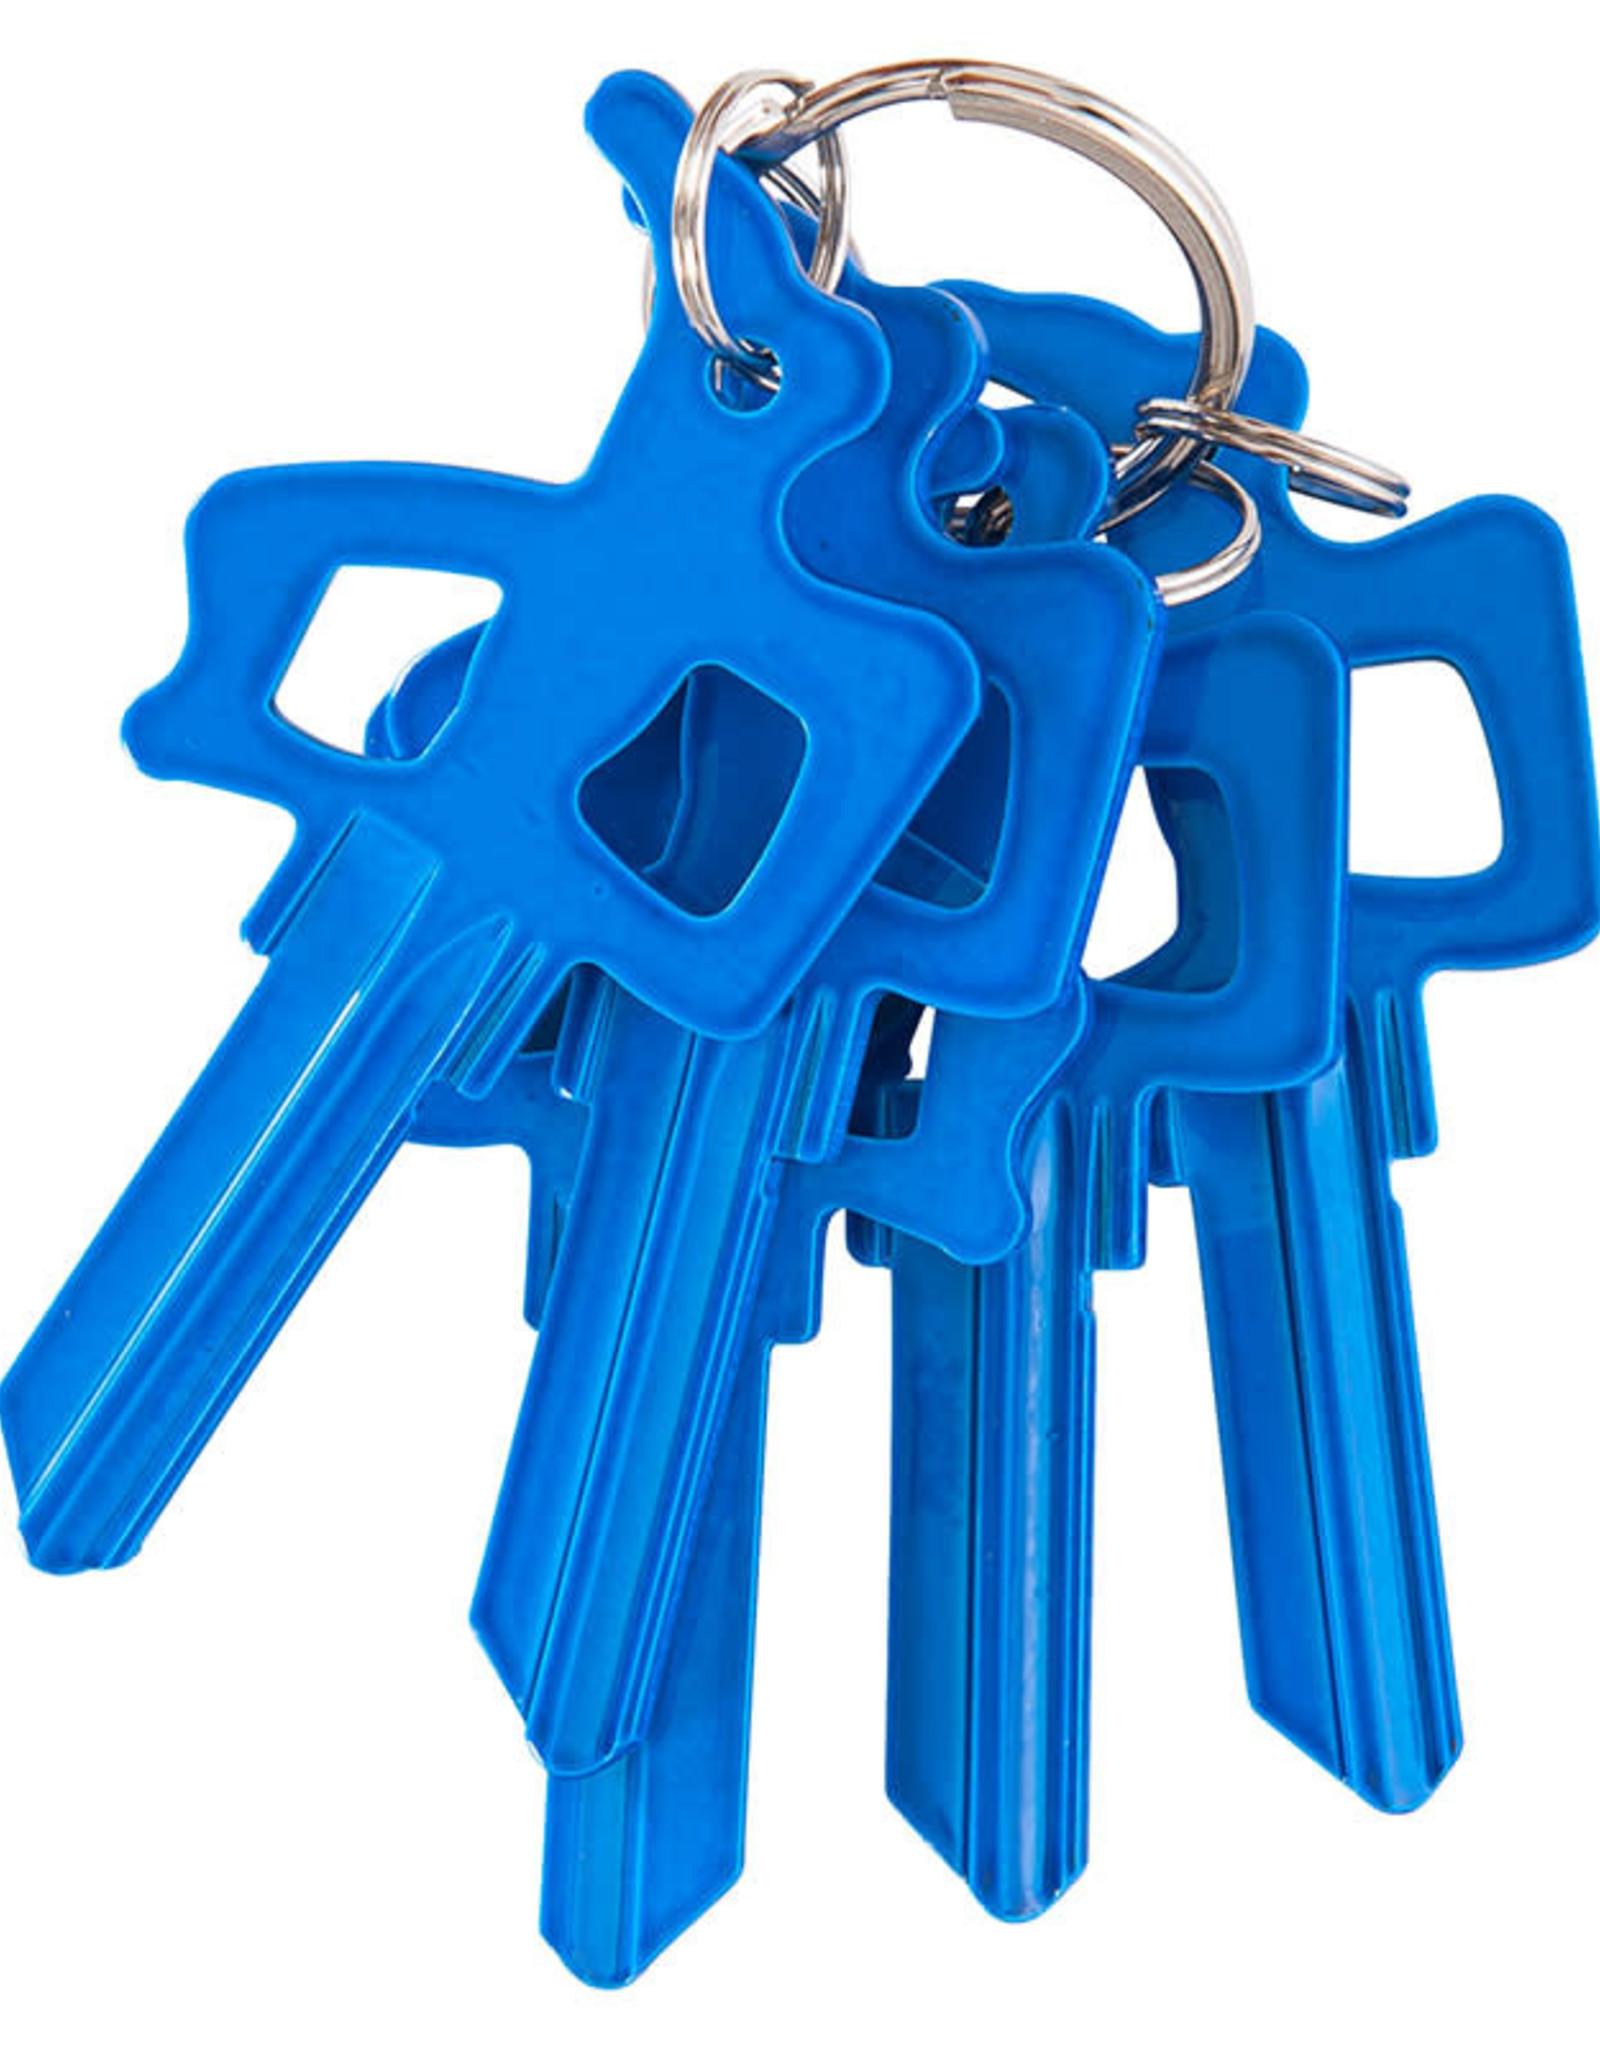 RDS RDS Chung Key Schlage Boyce Blue